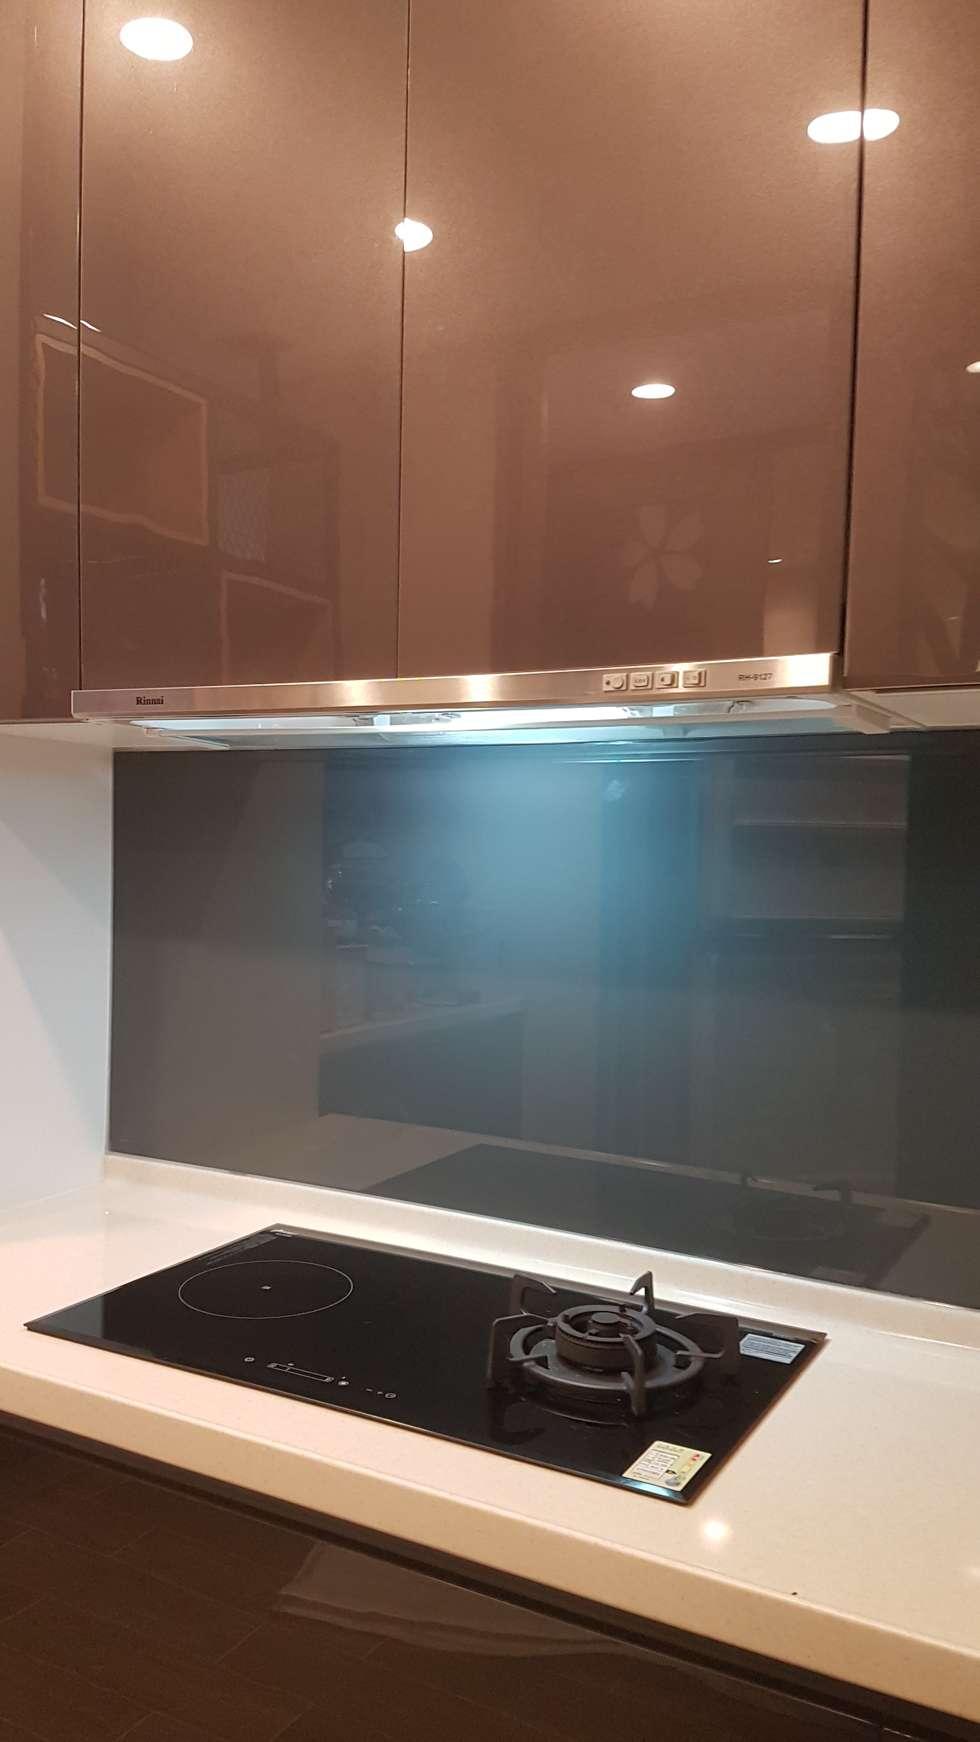 IH爐:  廚房 by 懷謙建設有限公司